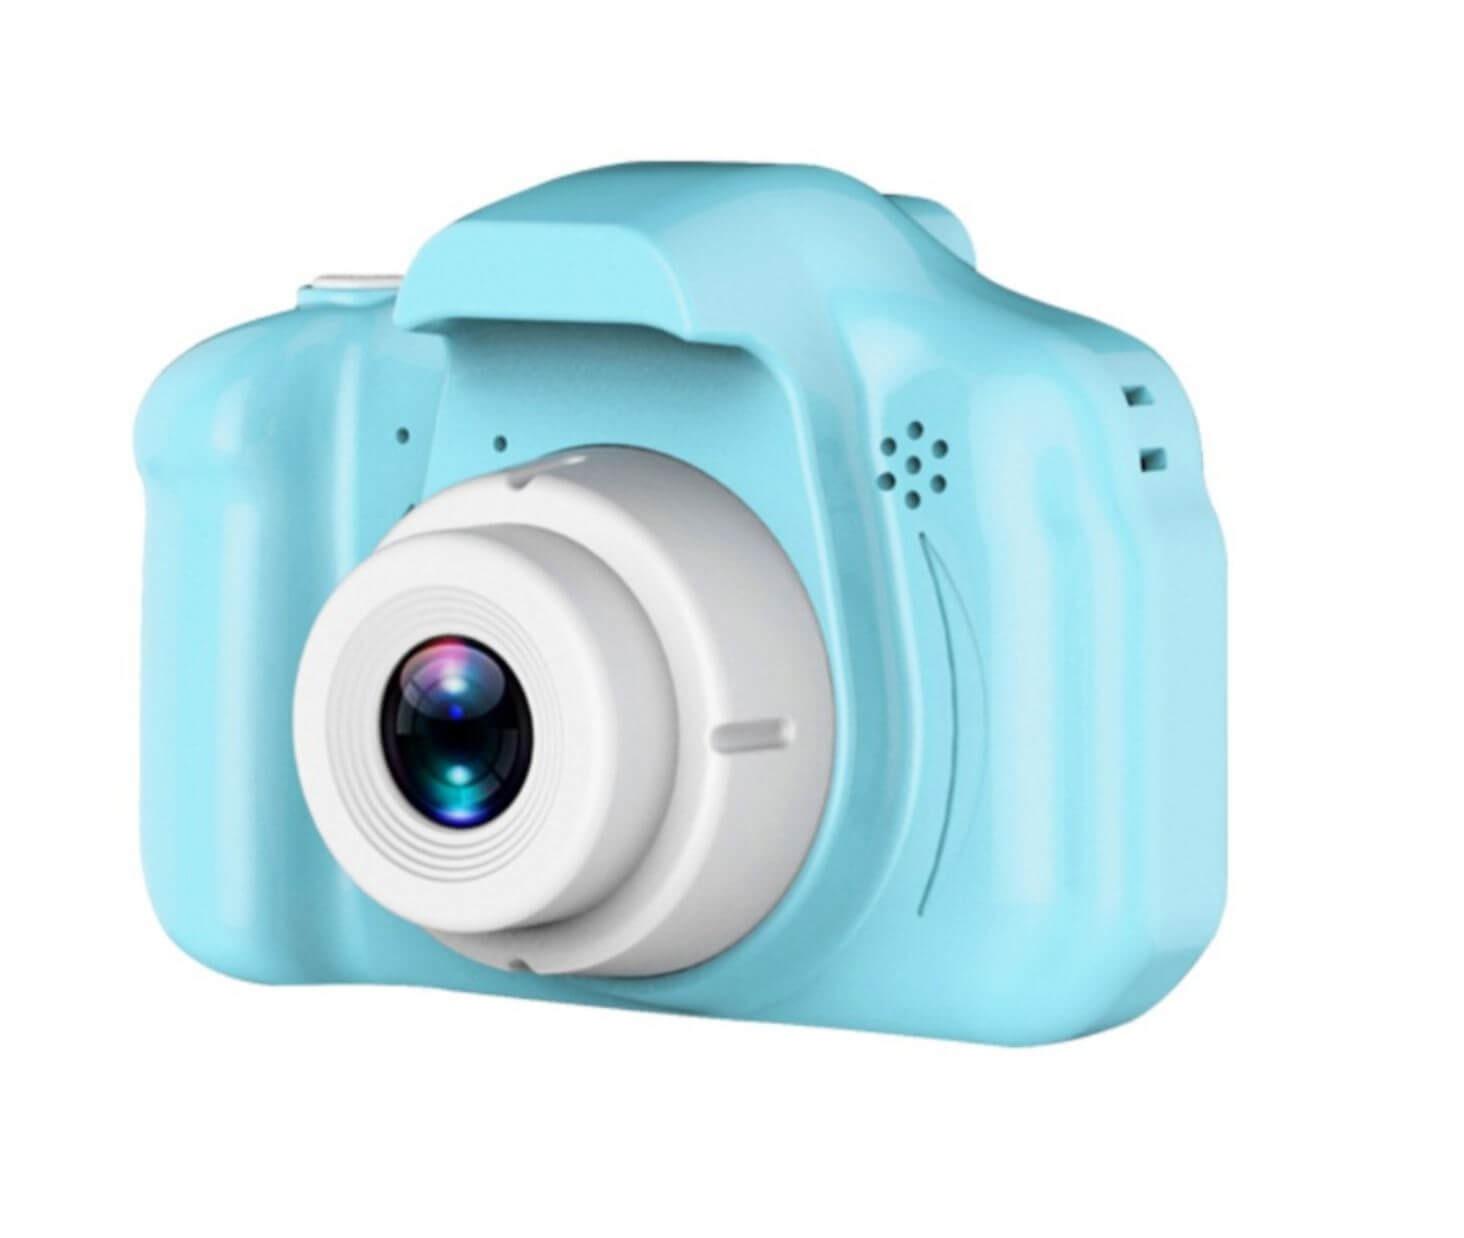 מצלמה לילדים דיגיטלית ZE372